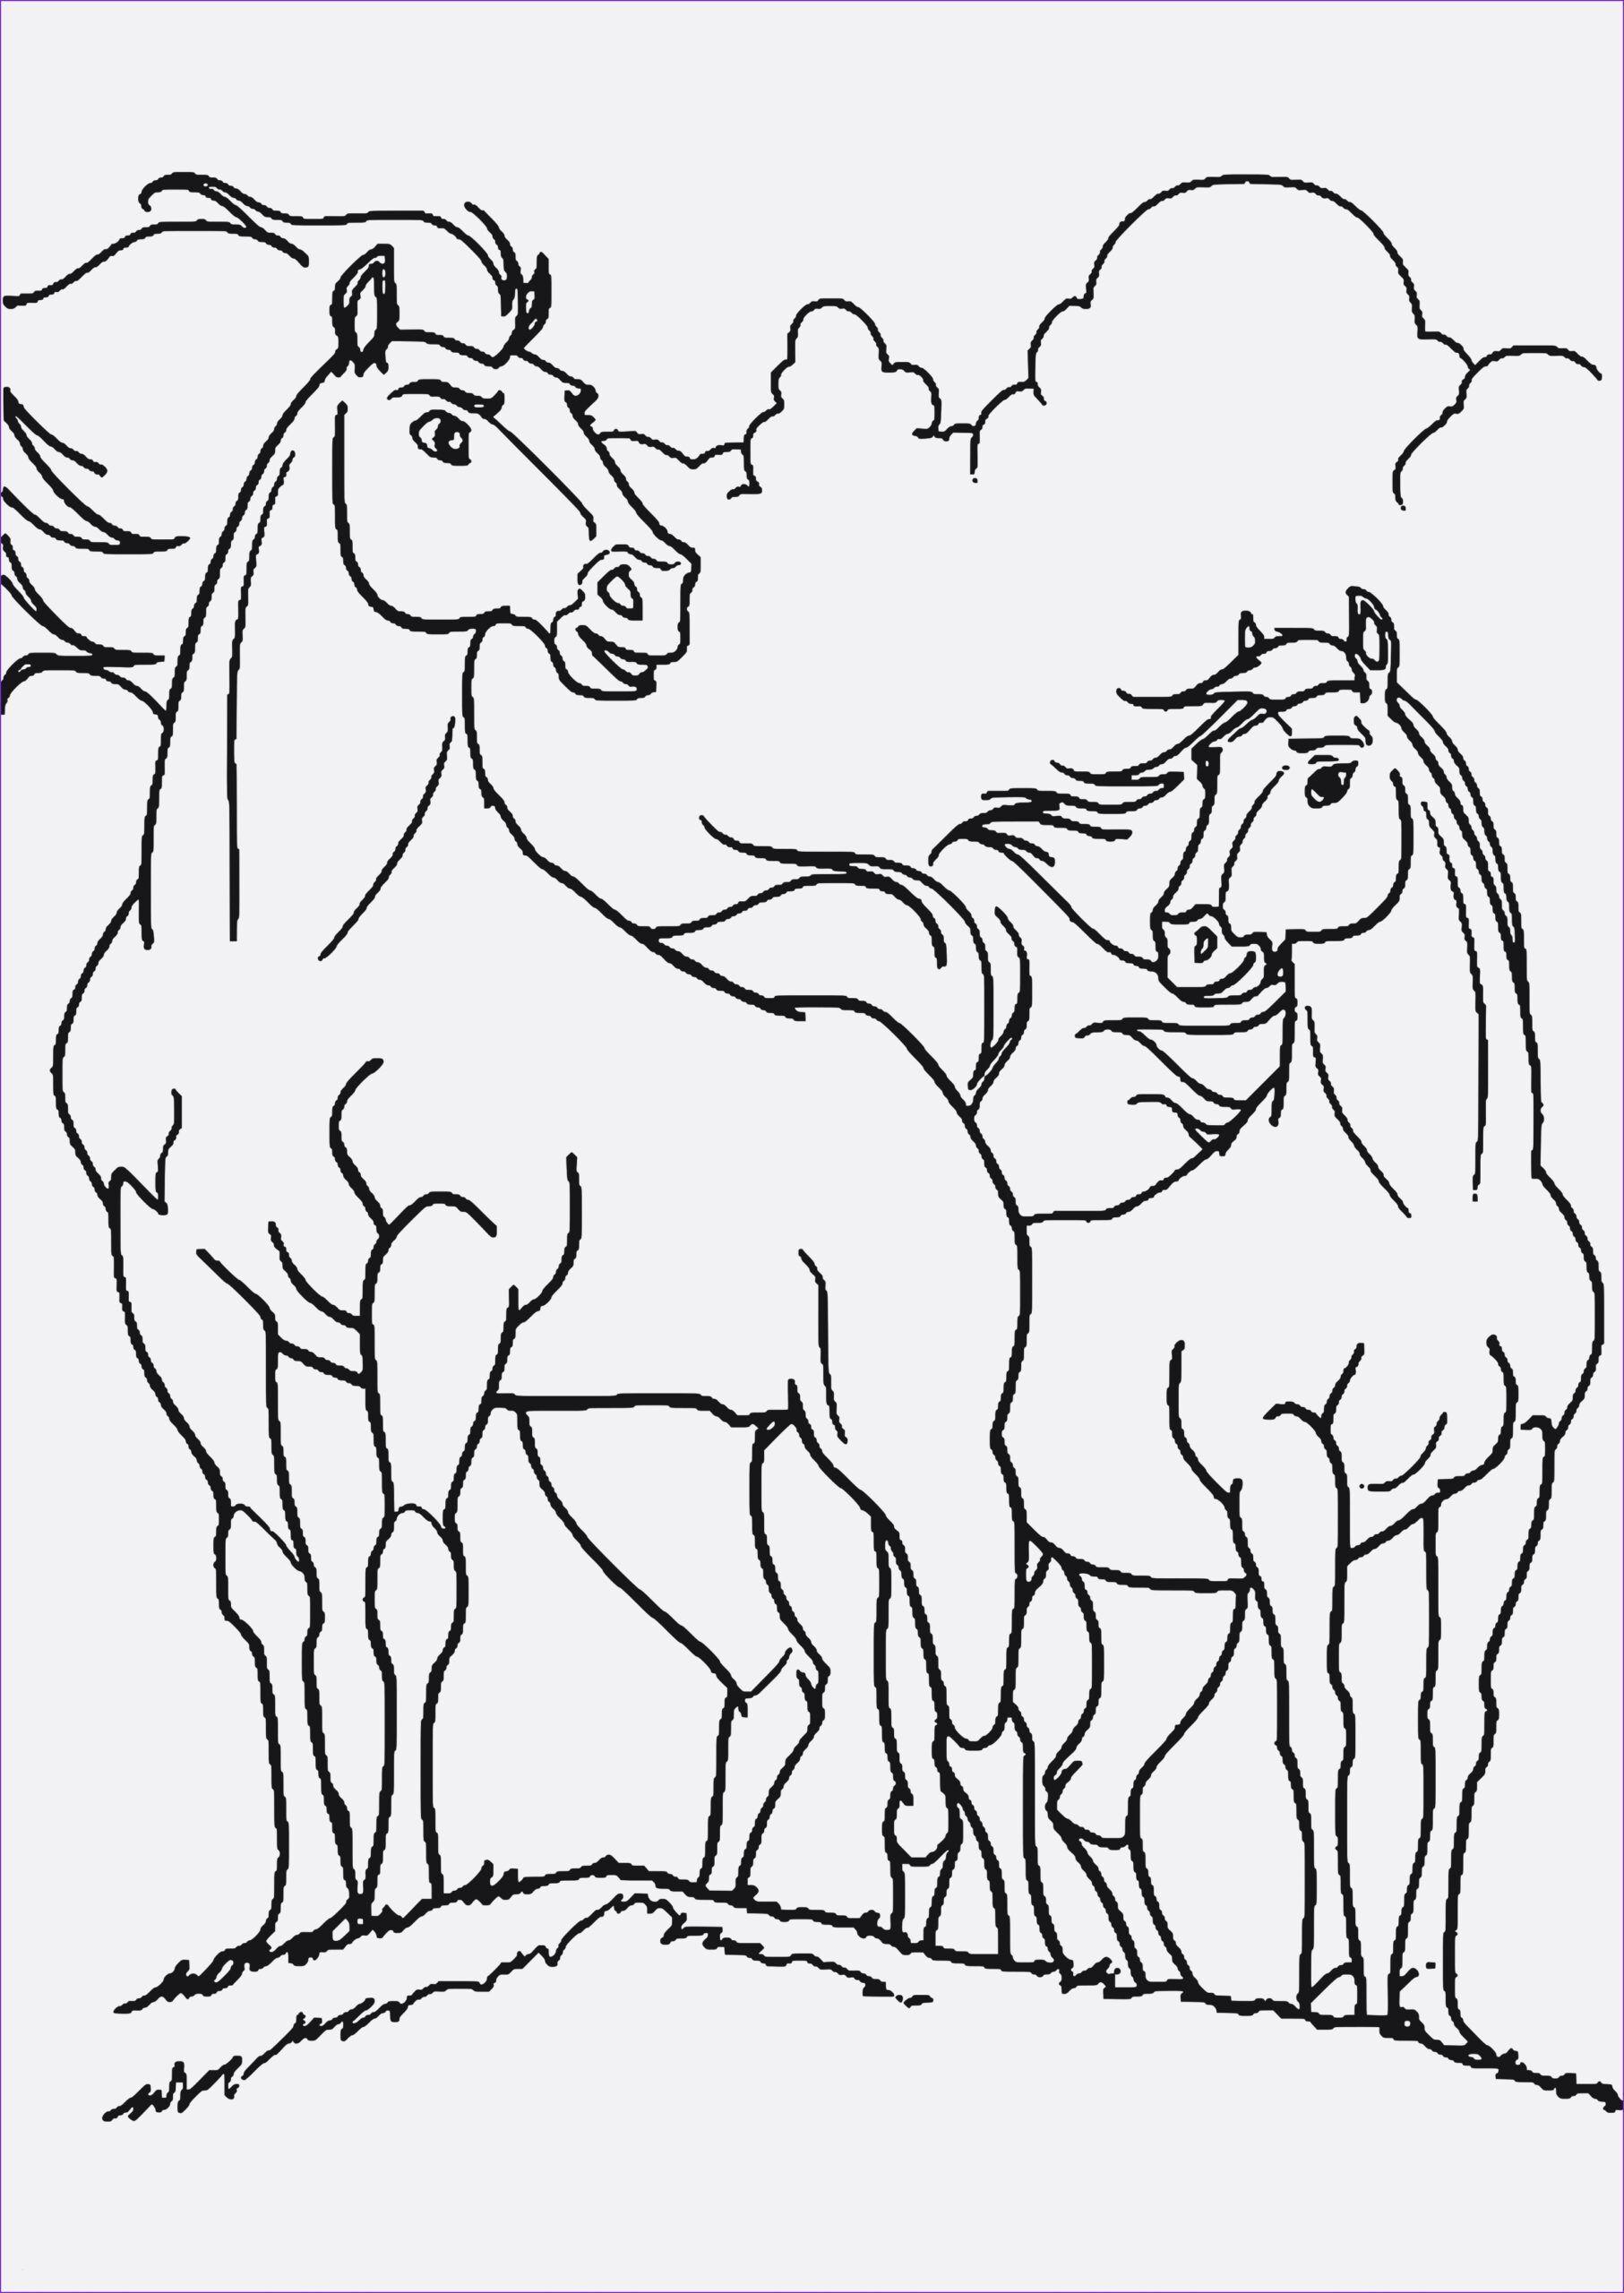 10 Besser Malvorlage Indianer Idee 2020 Malvorlagen Pferde Malvorlagen Ausmalbilder